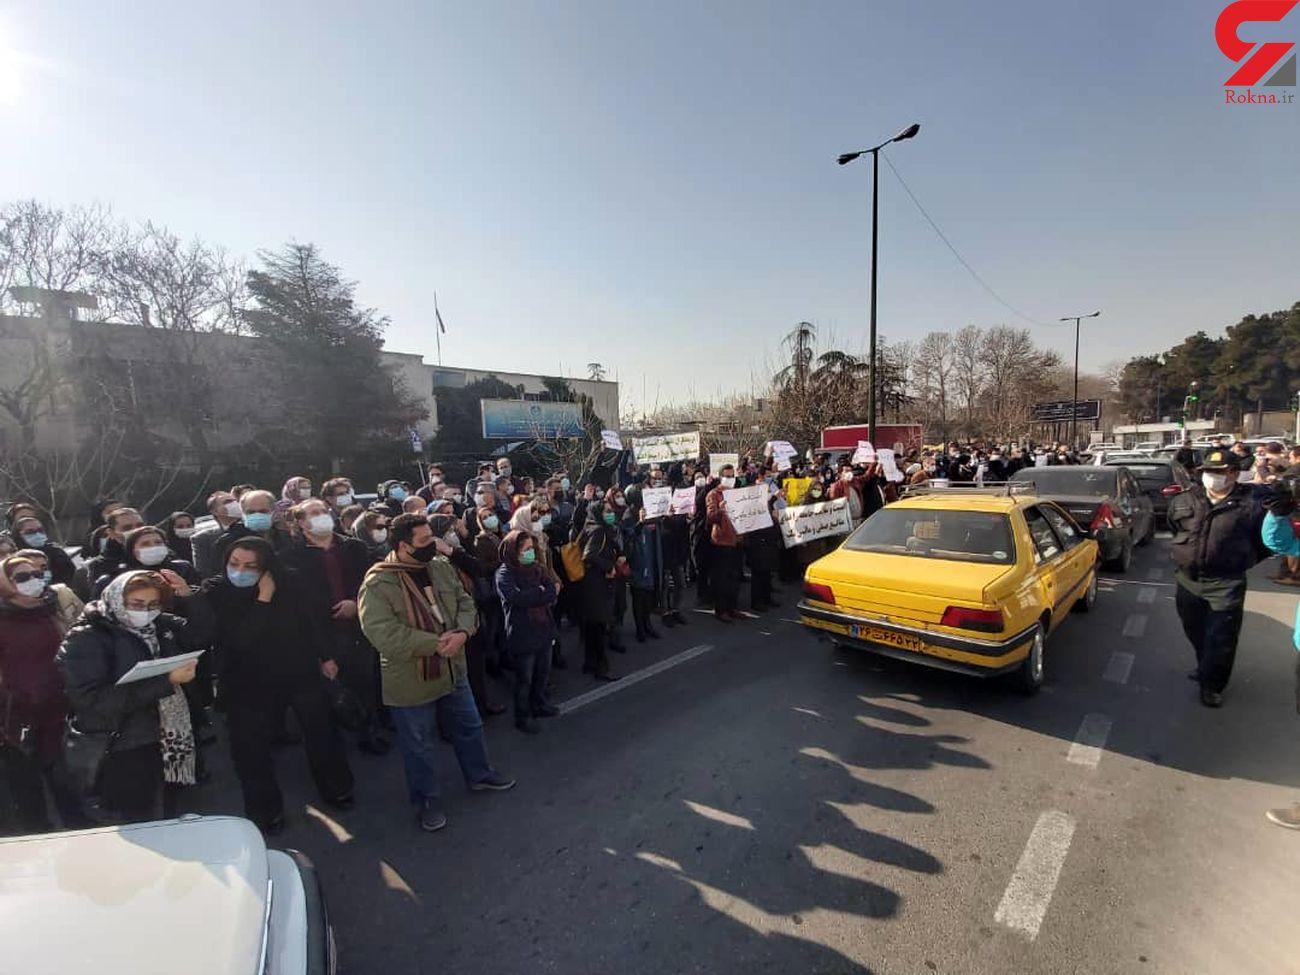 تجمع پزشکان مراکز ترک اعتیاد در مقابل سازمان نظام پزشکی + عکس